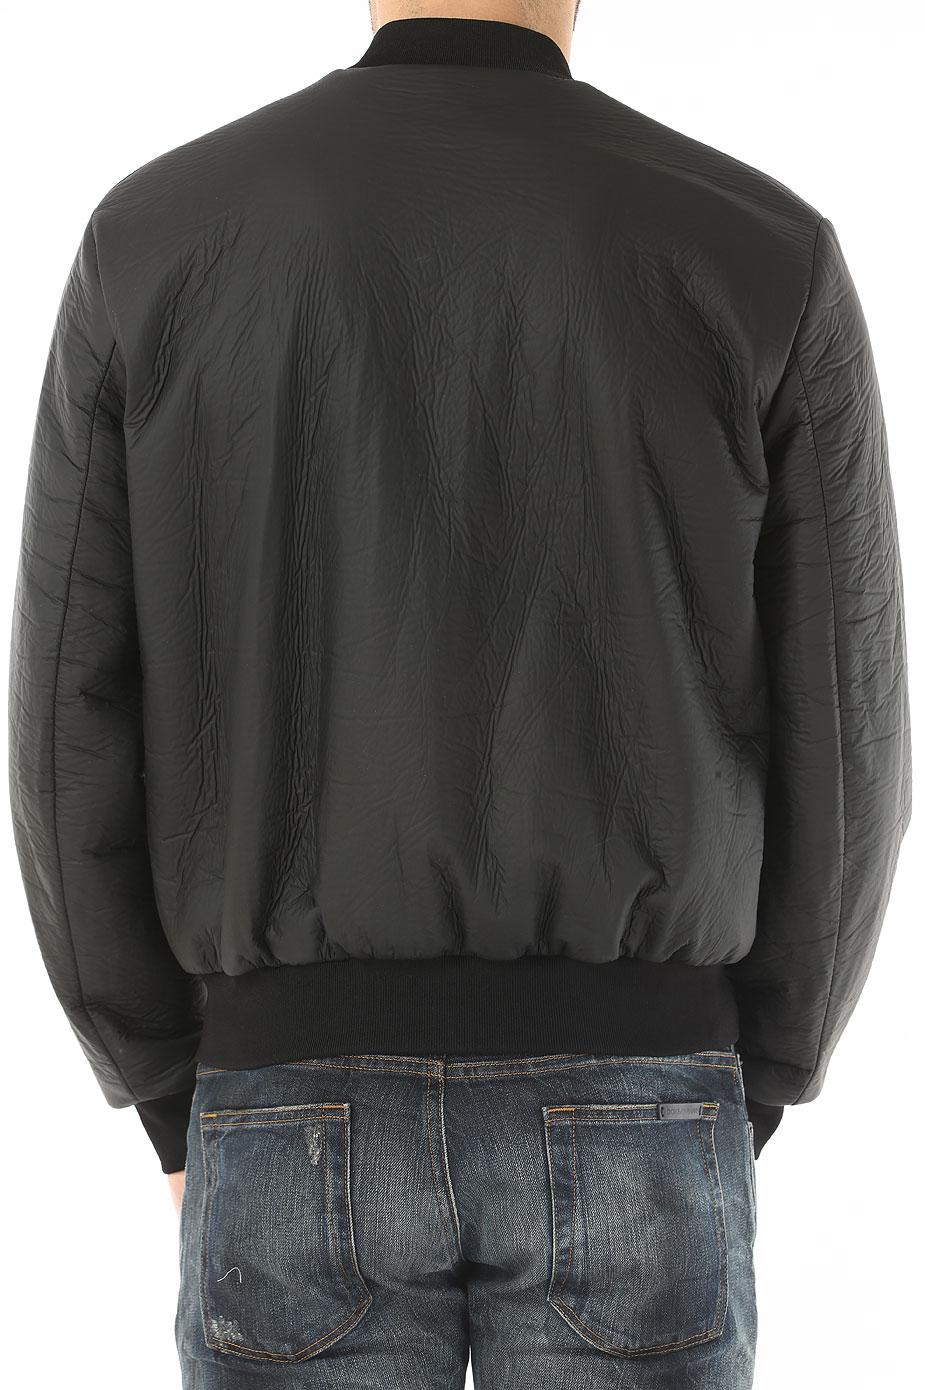 Abbigliamento Abbigliamento Dsquared 900 Articolo s43997 Codice Uomo s74am0598 Uomo TaRnqxwRdB